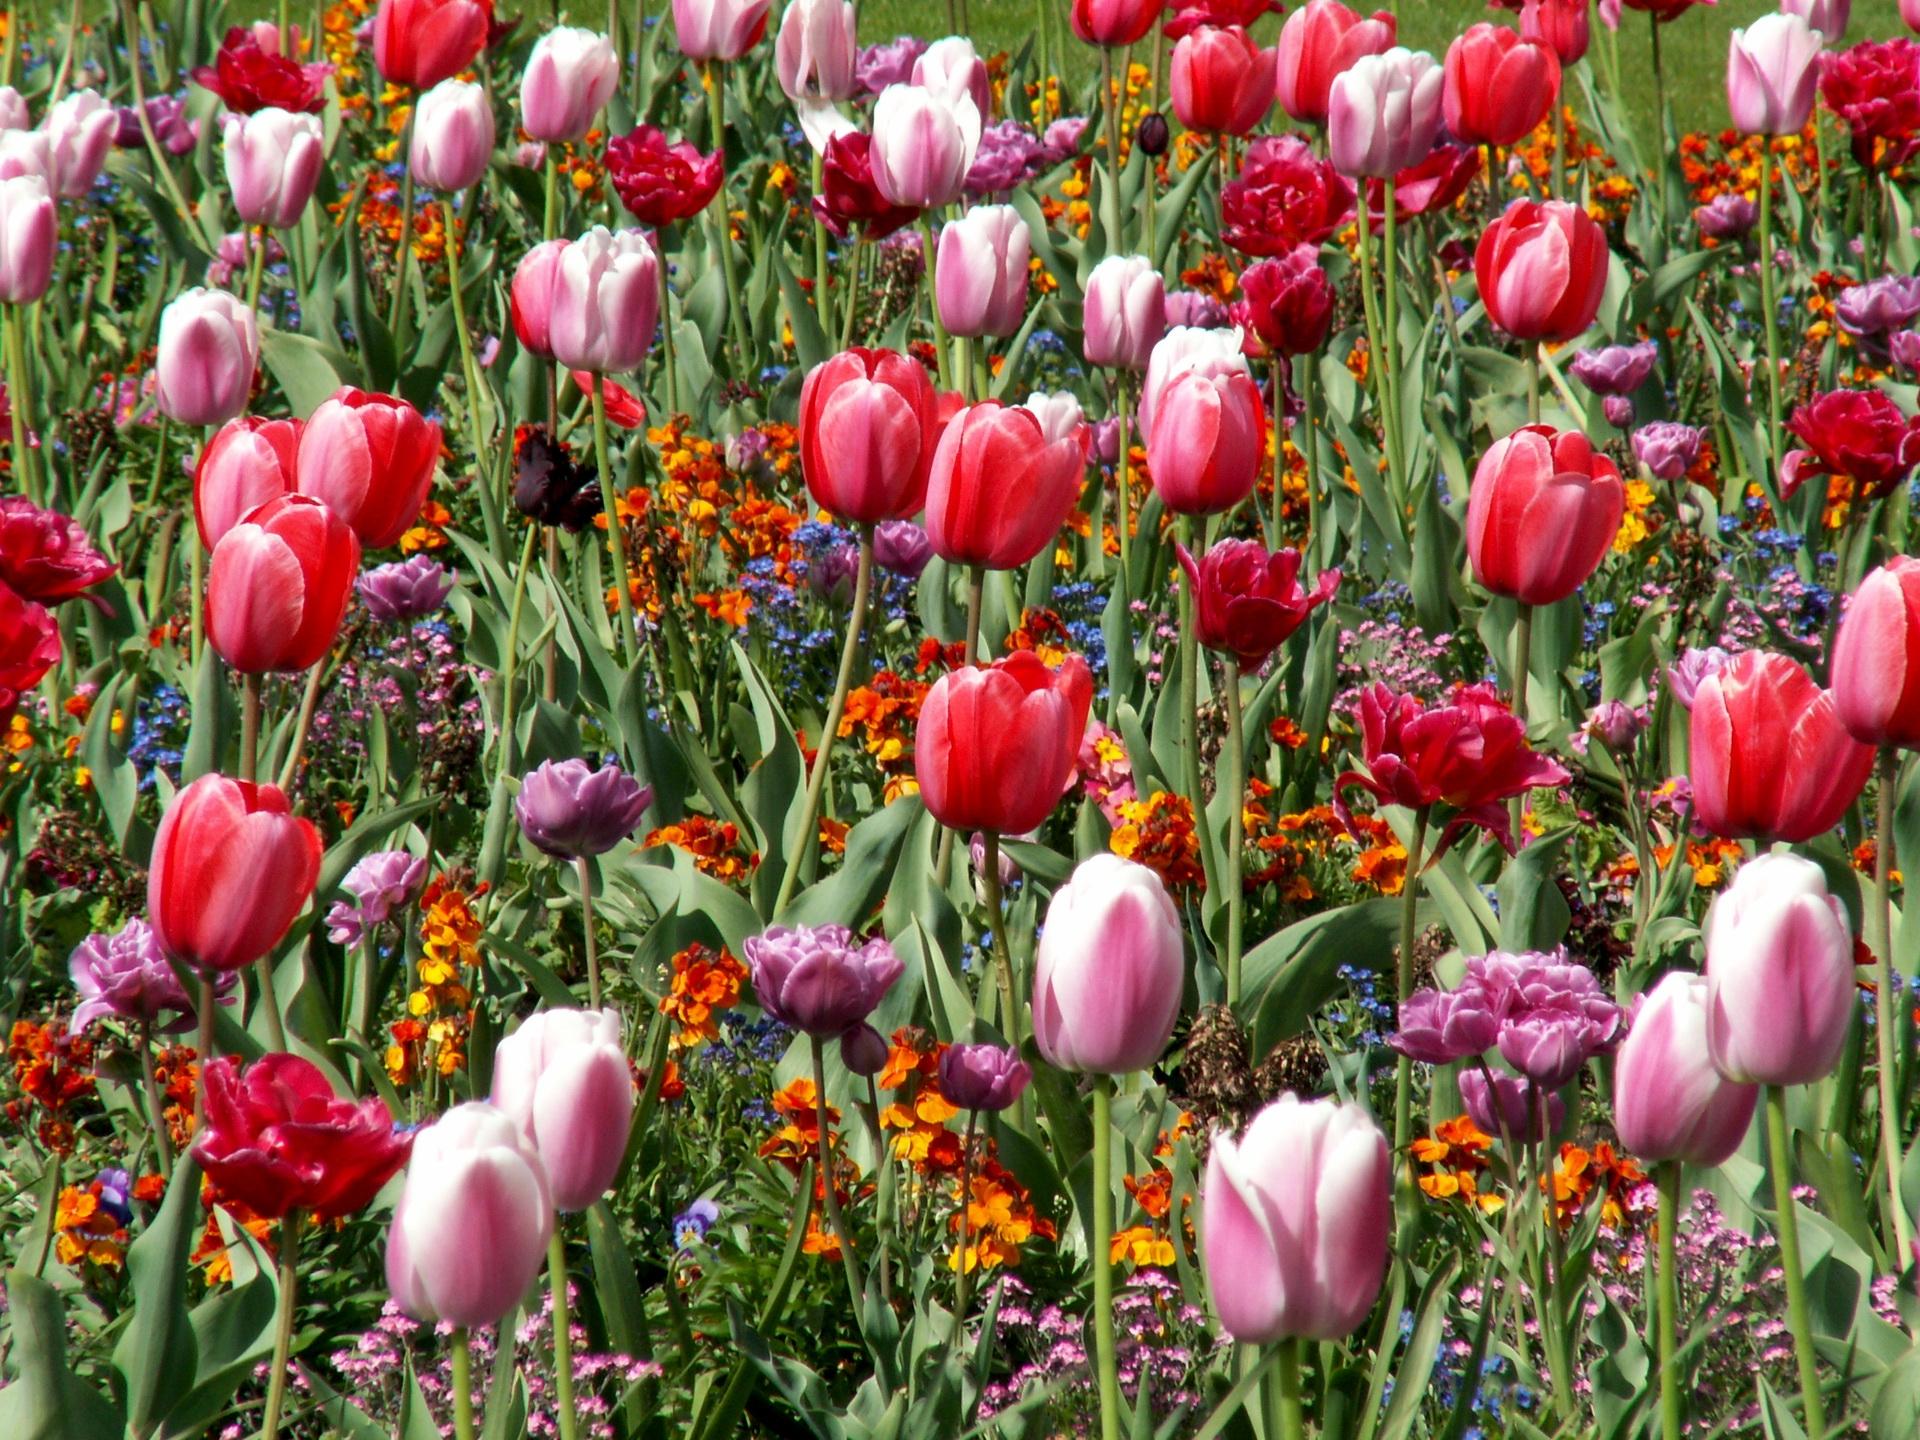 84773 descargar fondo de pantalla Flores, Cama De Flores, Parterre, Primavera, Estado Animico, Humor, Tulipanes: protectores de pantalla e imágenes gratis